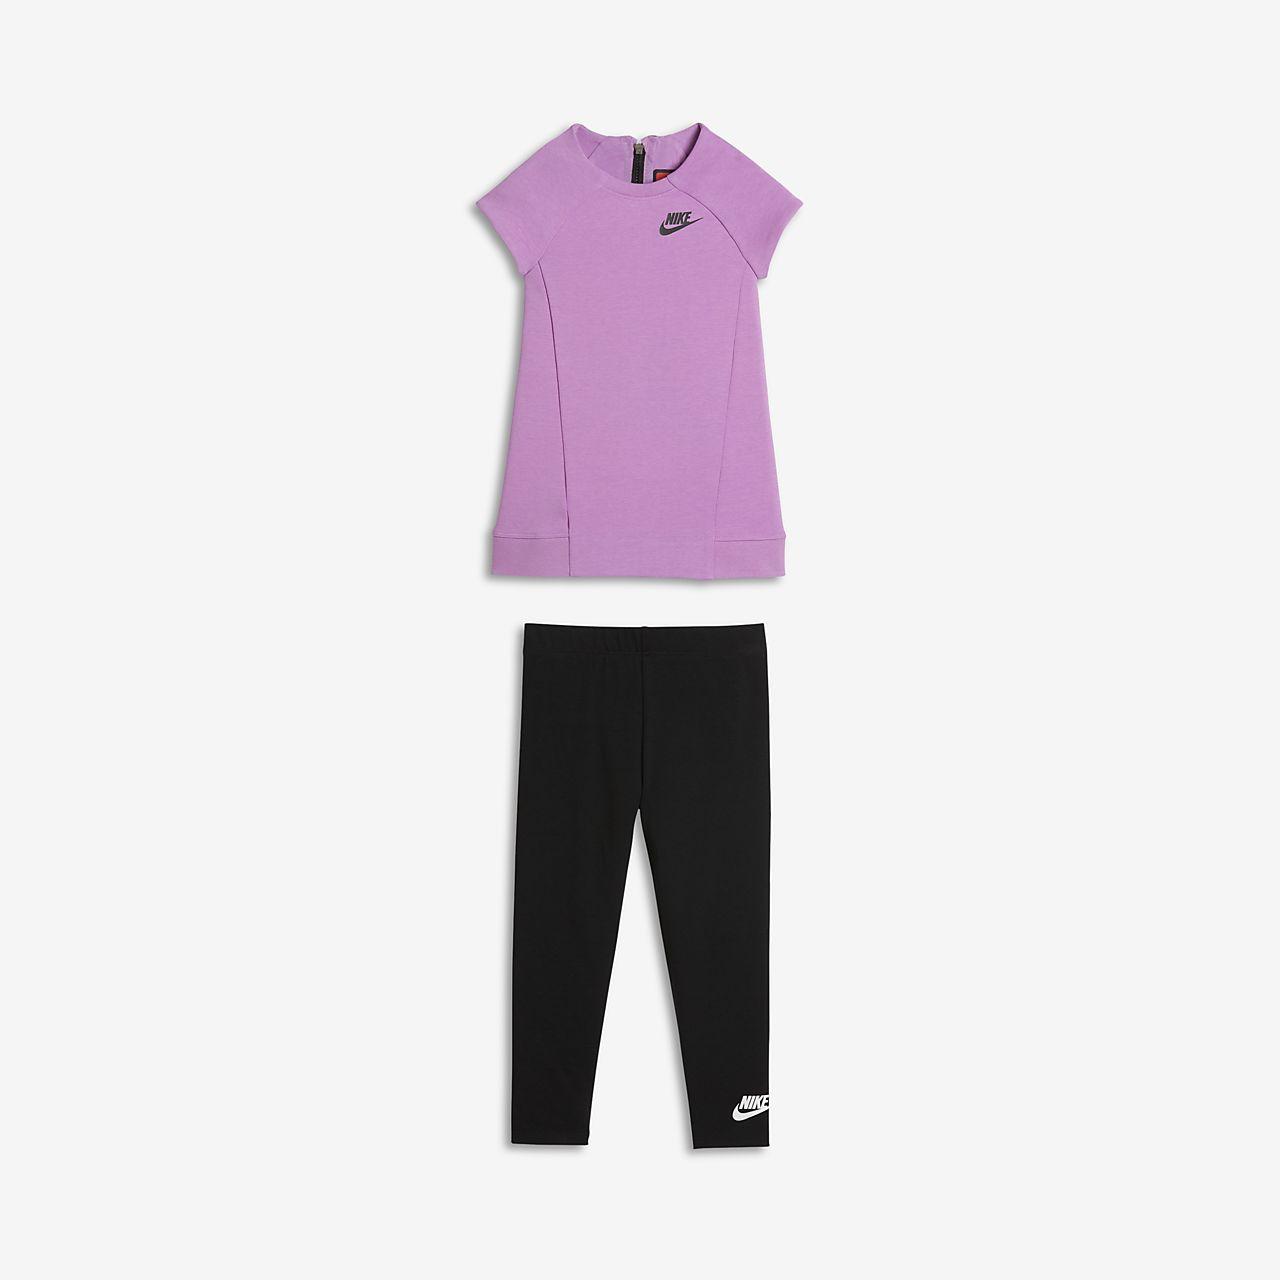 ... Nike Tech Fleece Two-Piece Conjunto - Bebé e infantil (niña)